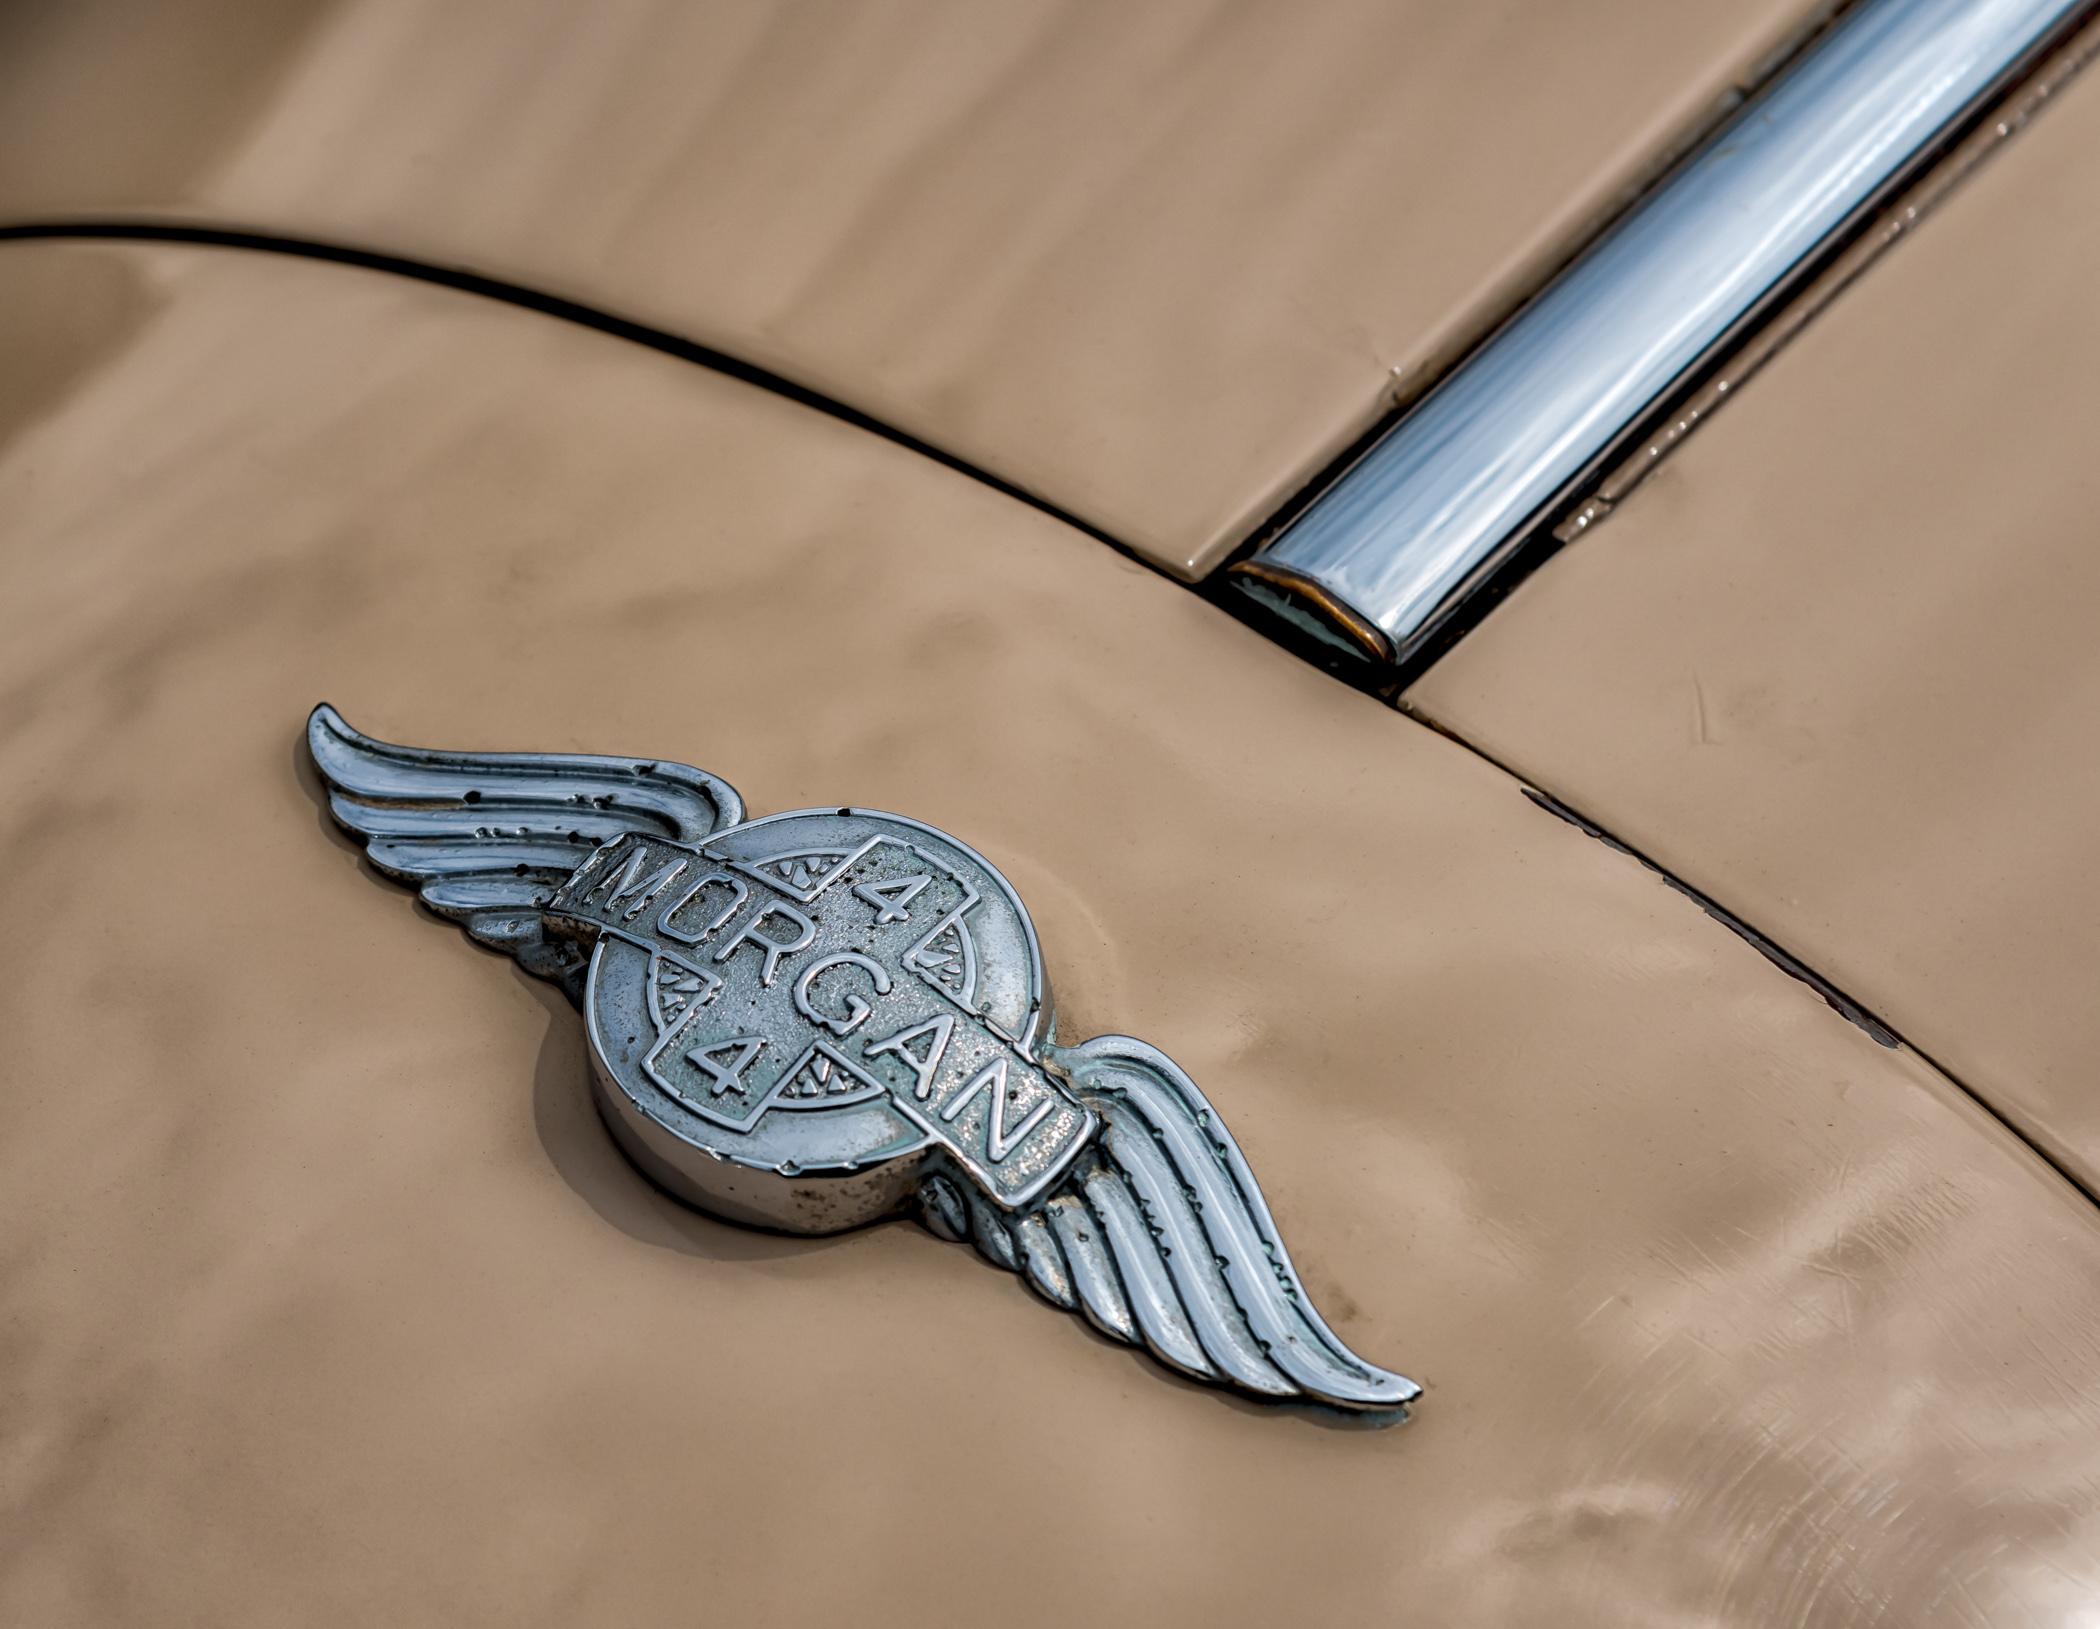 Morgan 4 Emblem